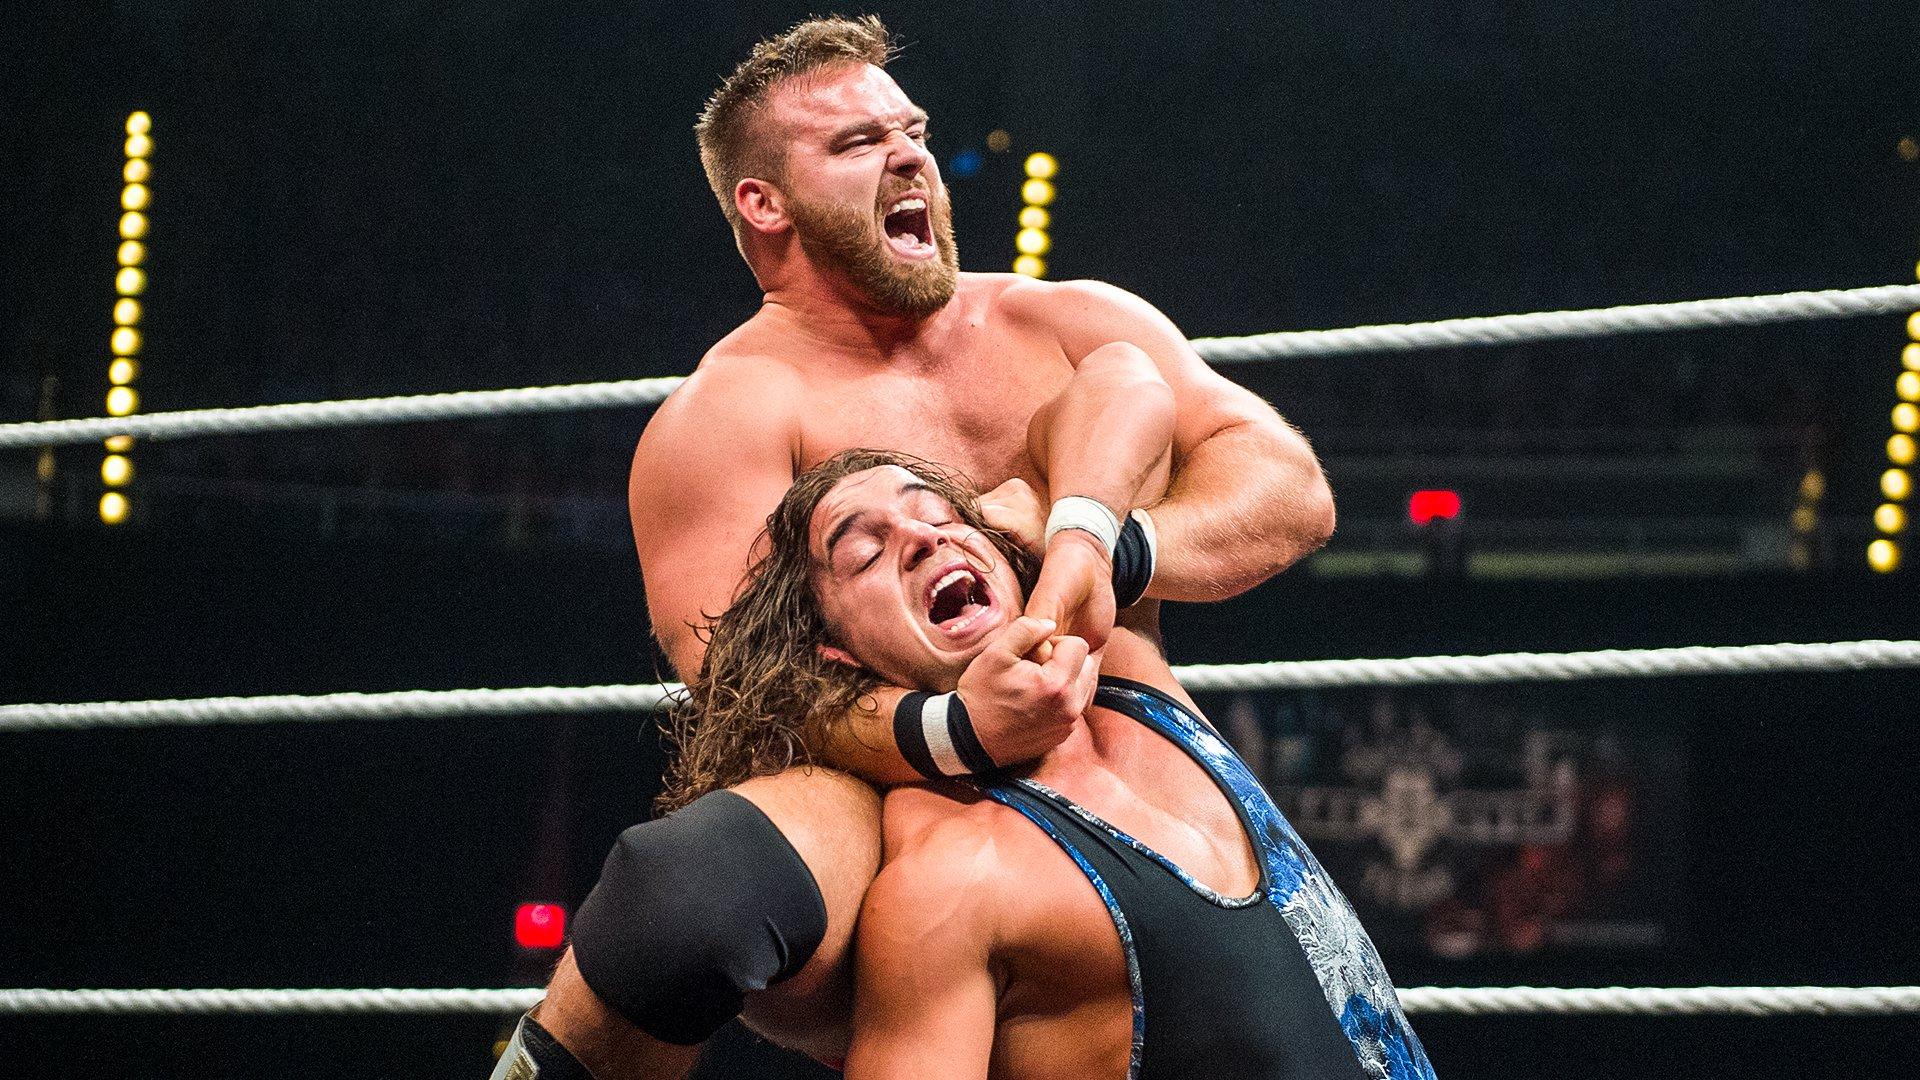 The Revival vs. American Alpha: NXT TakeOver: Dallas (Match intégral pour les Titres par Équipes NXT)